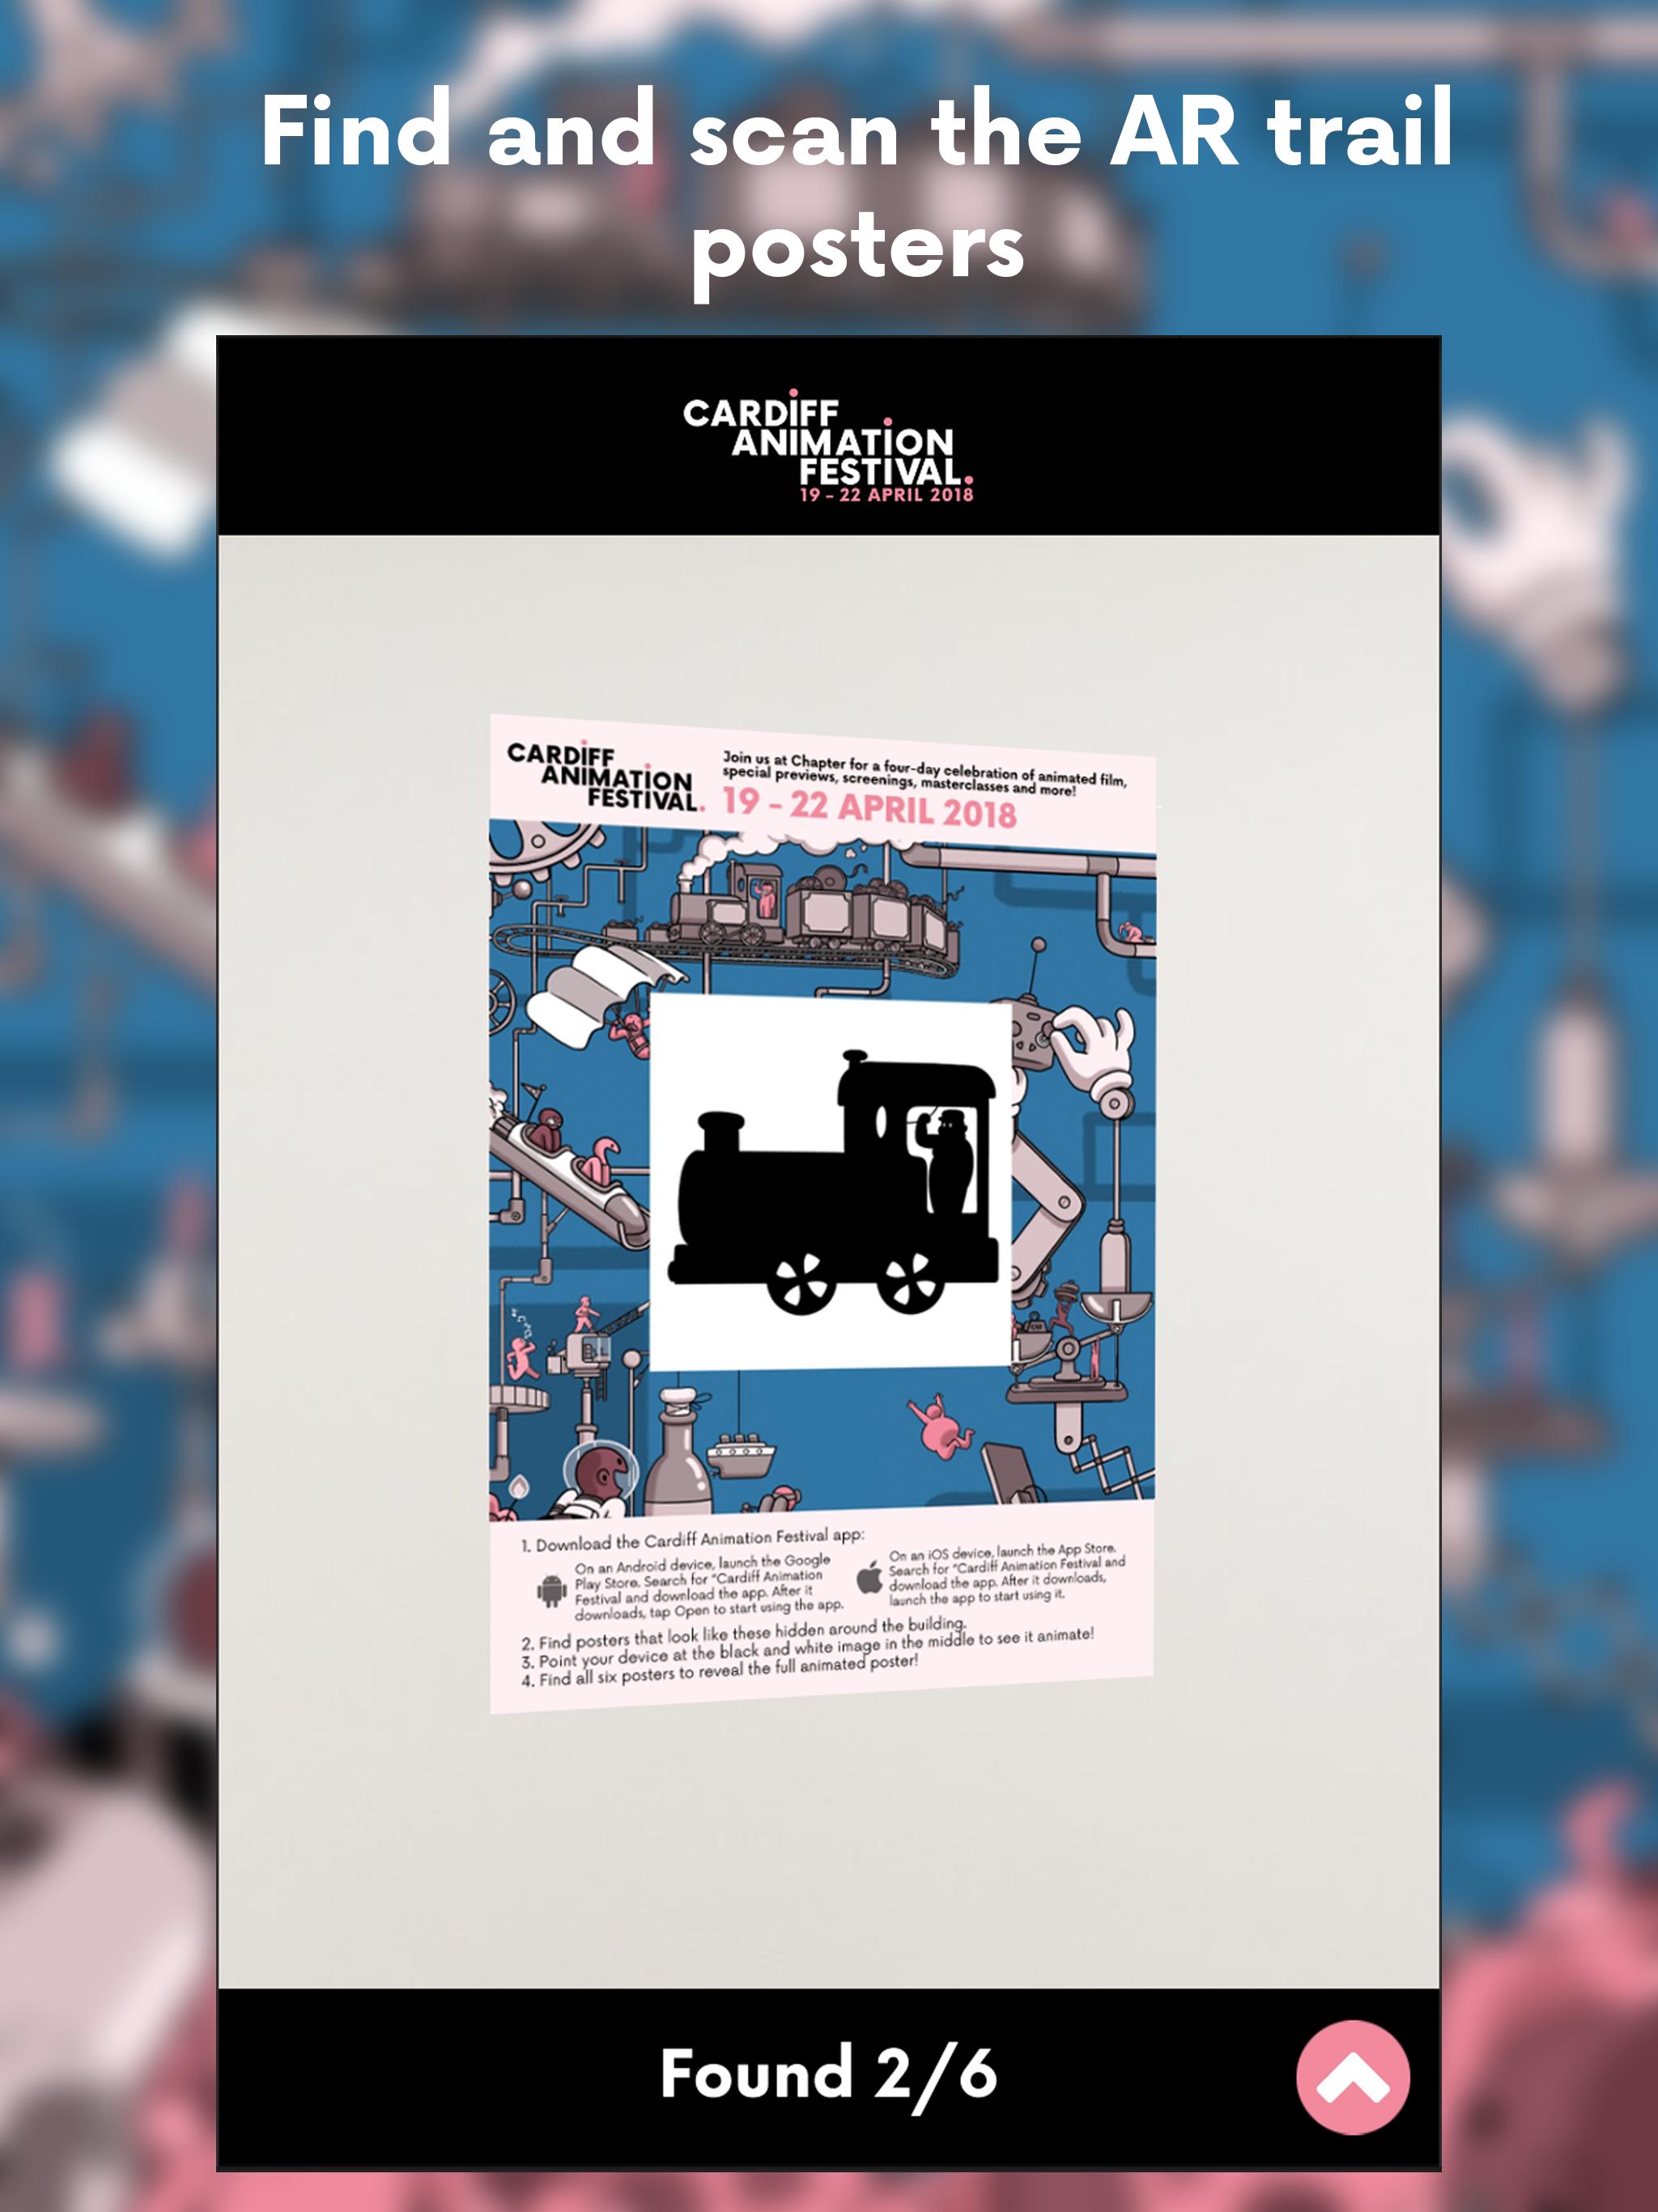 Cardiff Animation Festival AR Trail (iOS / Android)